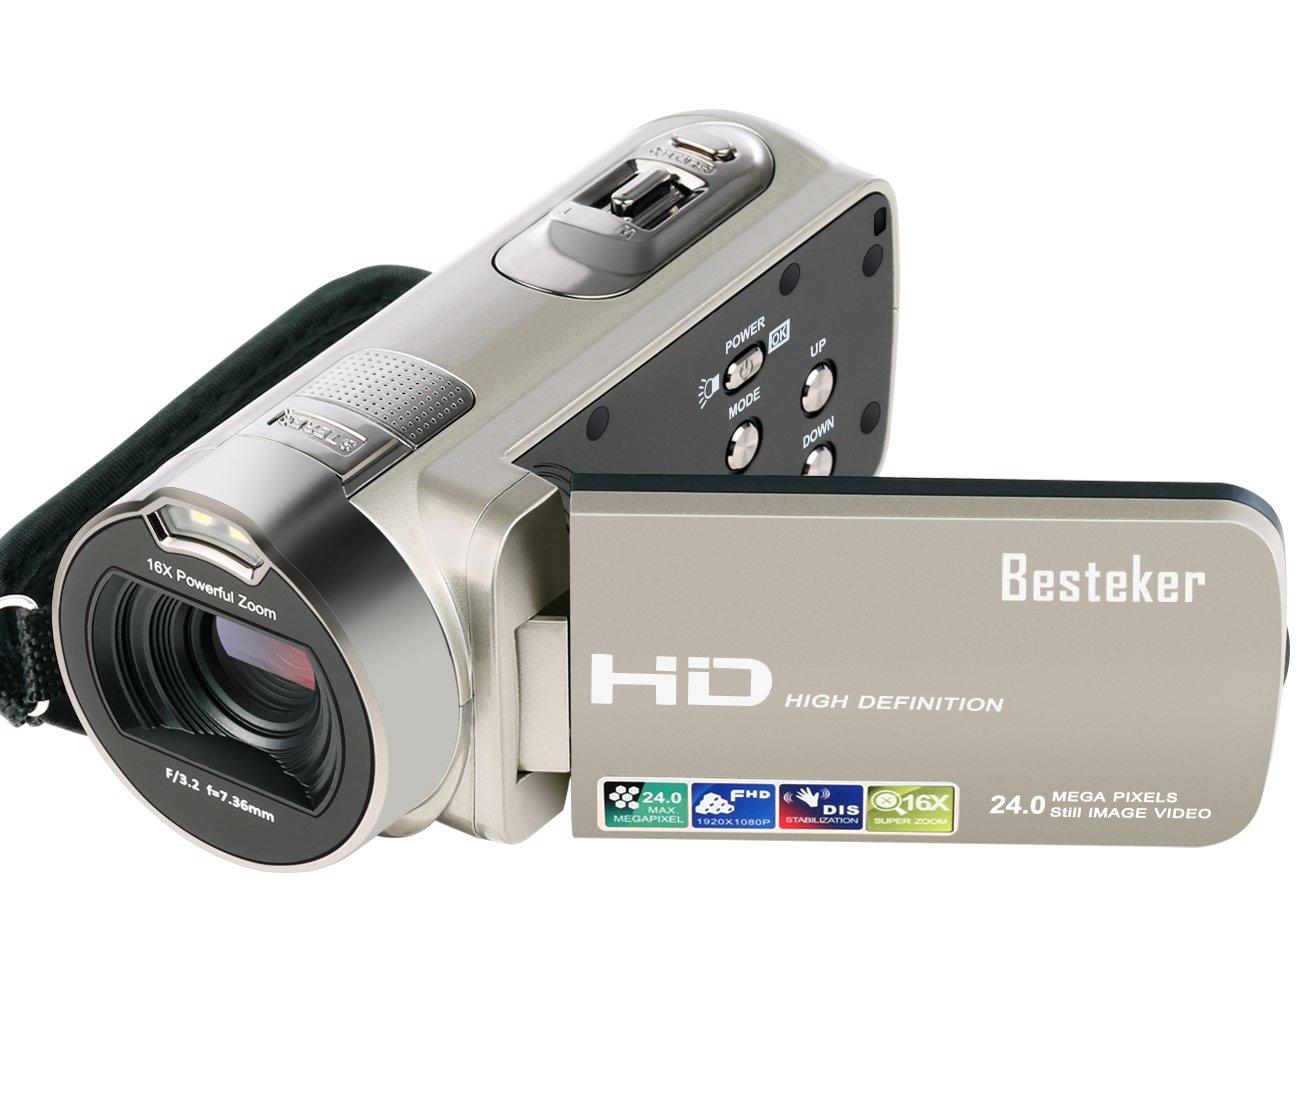 Besteker HD1080P本体画像